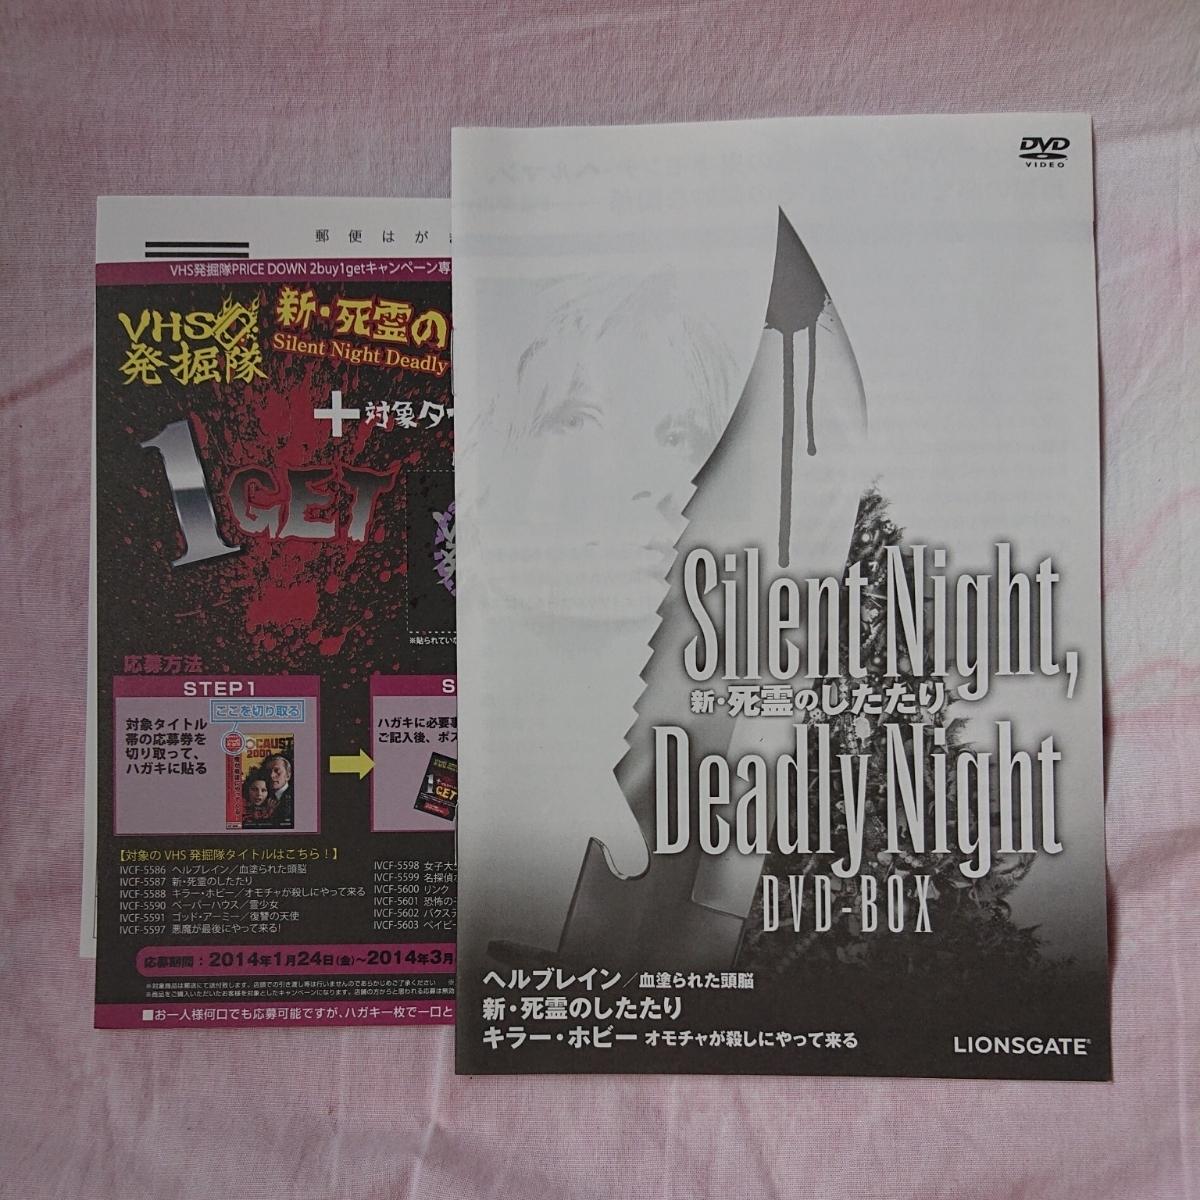 国内正規品★新・死霊のしたたり Silent Night,Deadly Night DVD-BOX 初回限定生産★送料込み★